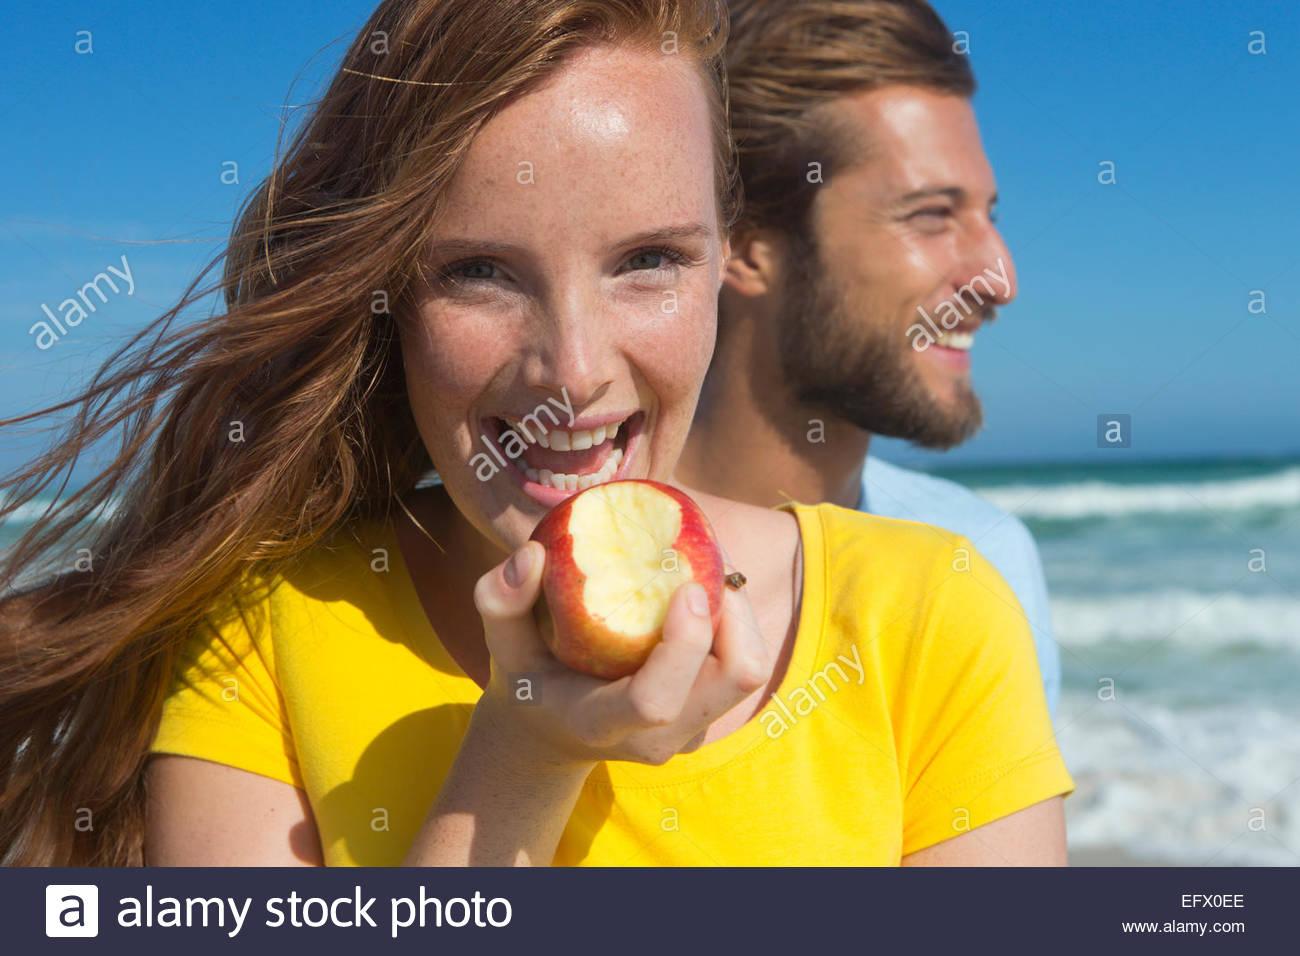 Smiling couple sur la plage ensoleillée, avec woman holding an apple avec une bouchée de c Photo Stock